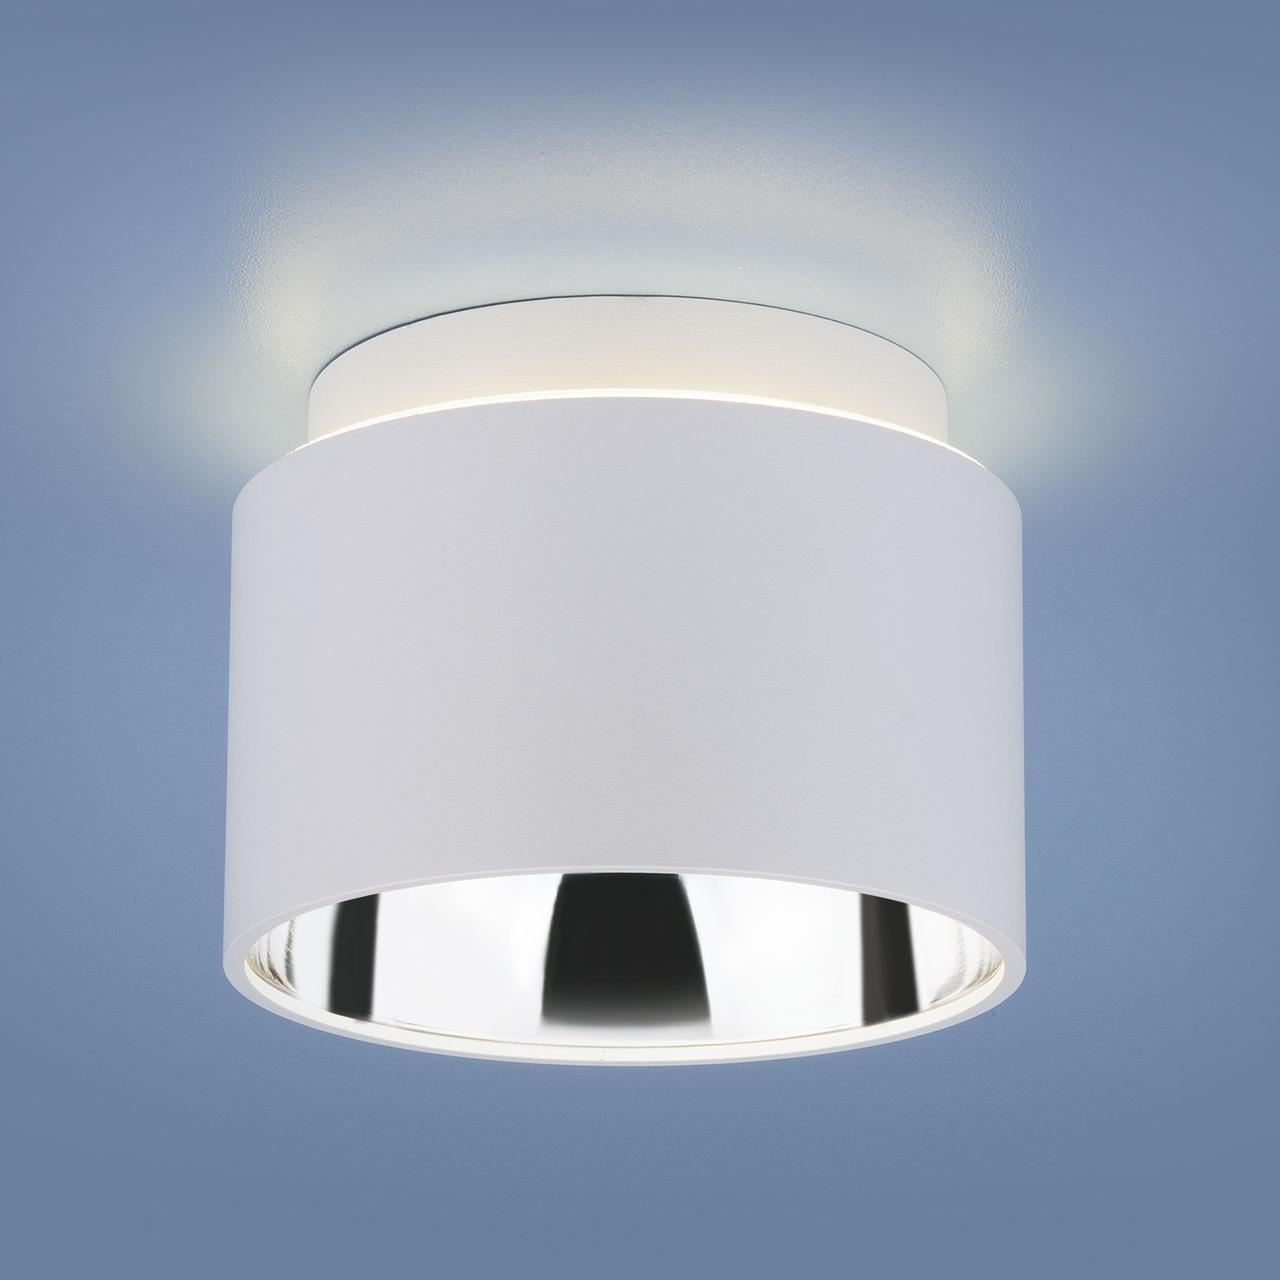 1069 GX53 / Светильник накладной WH белый матовый